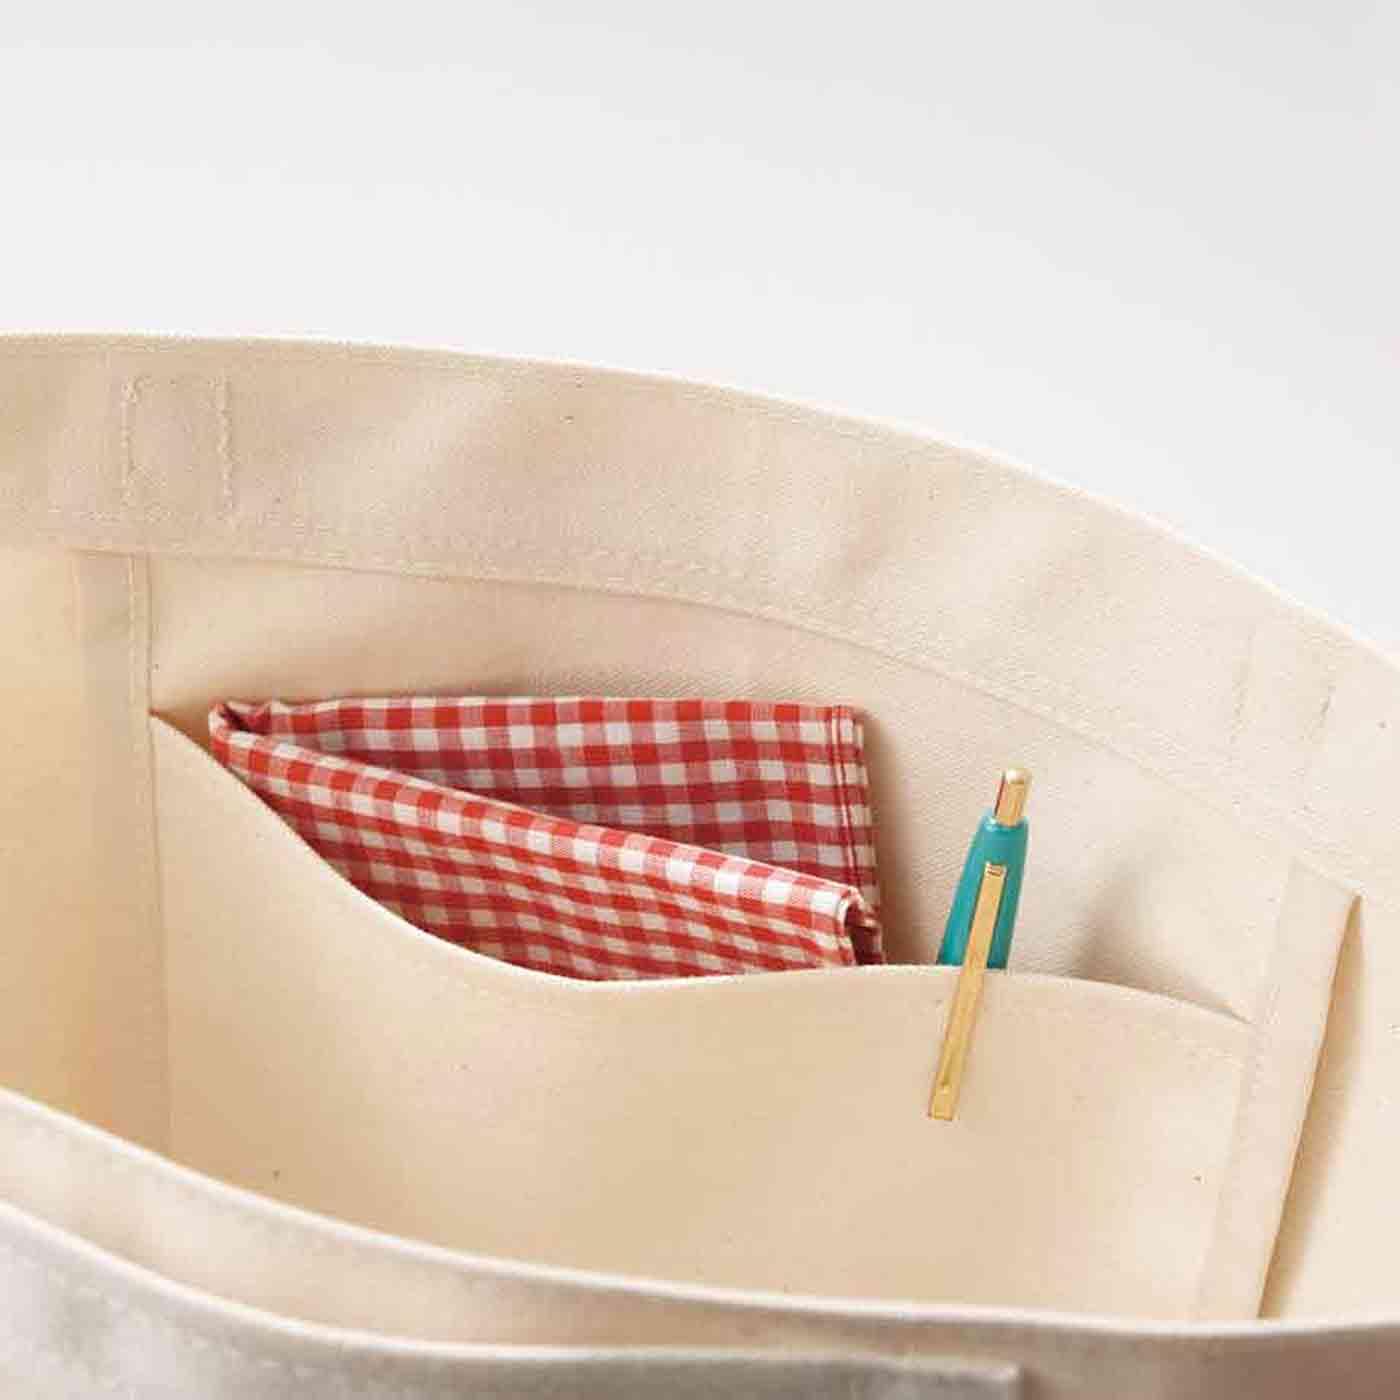 内ポケットはペンやハンカチなどすぐ取り出したいものを入れて。